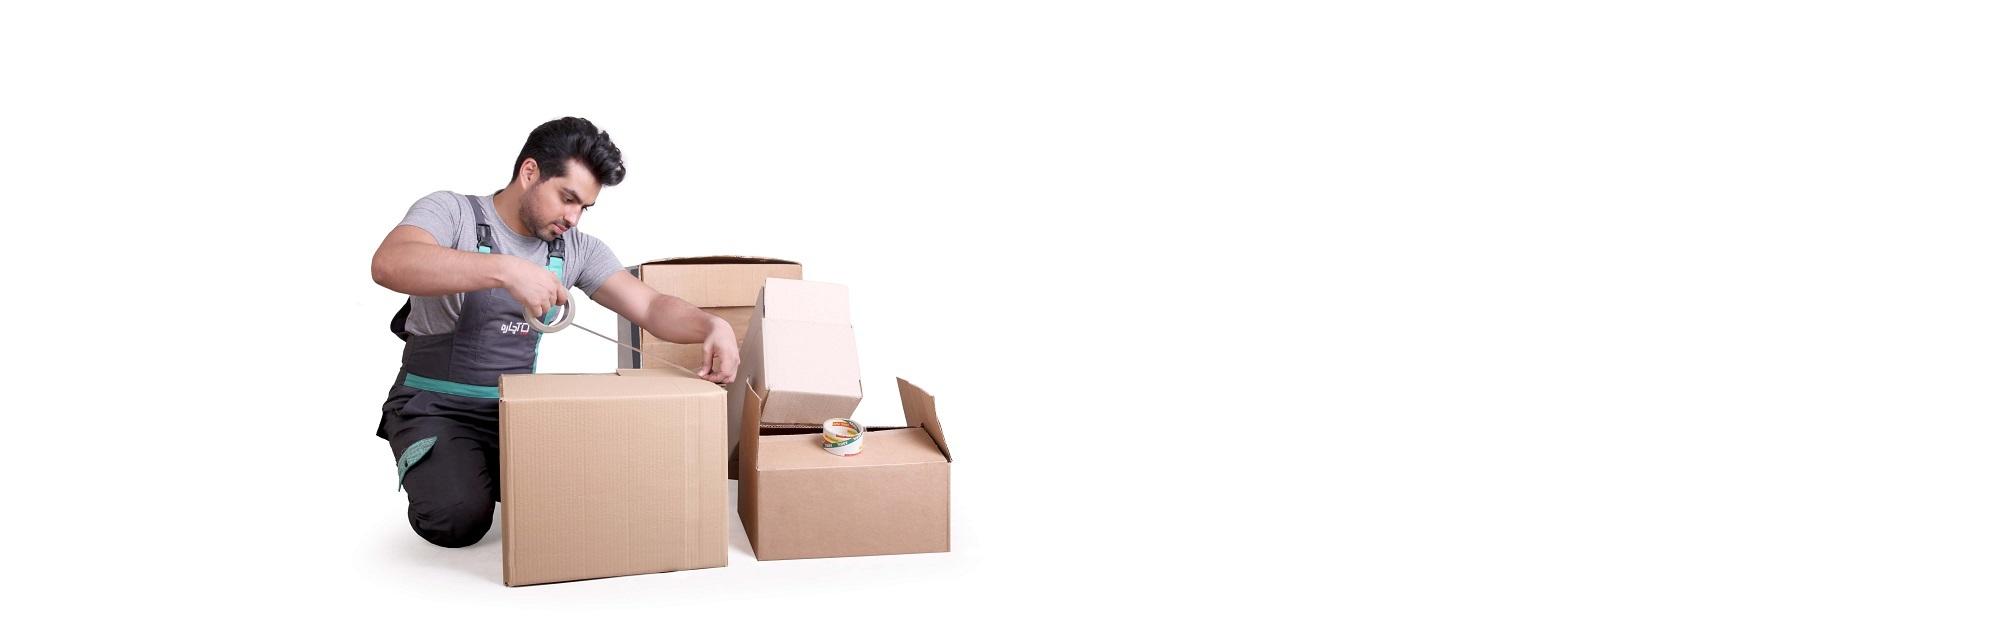 بسته بندی اثاثیه منزل با آچاره